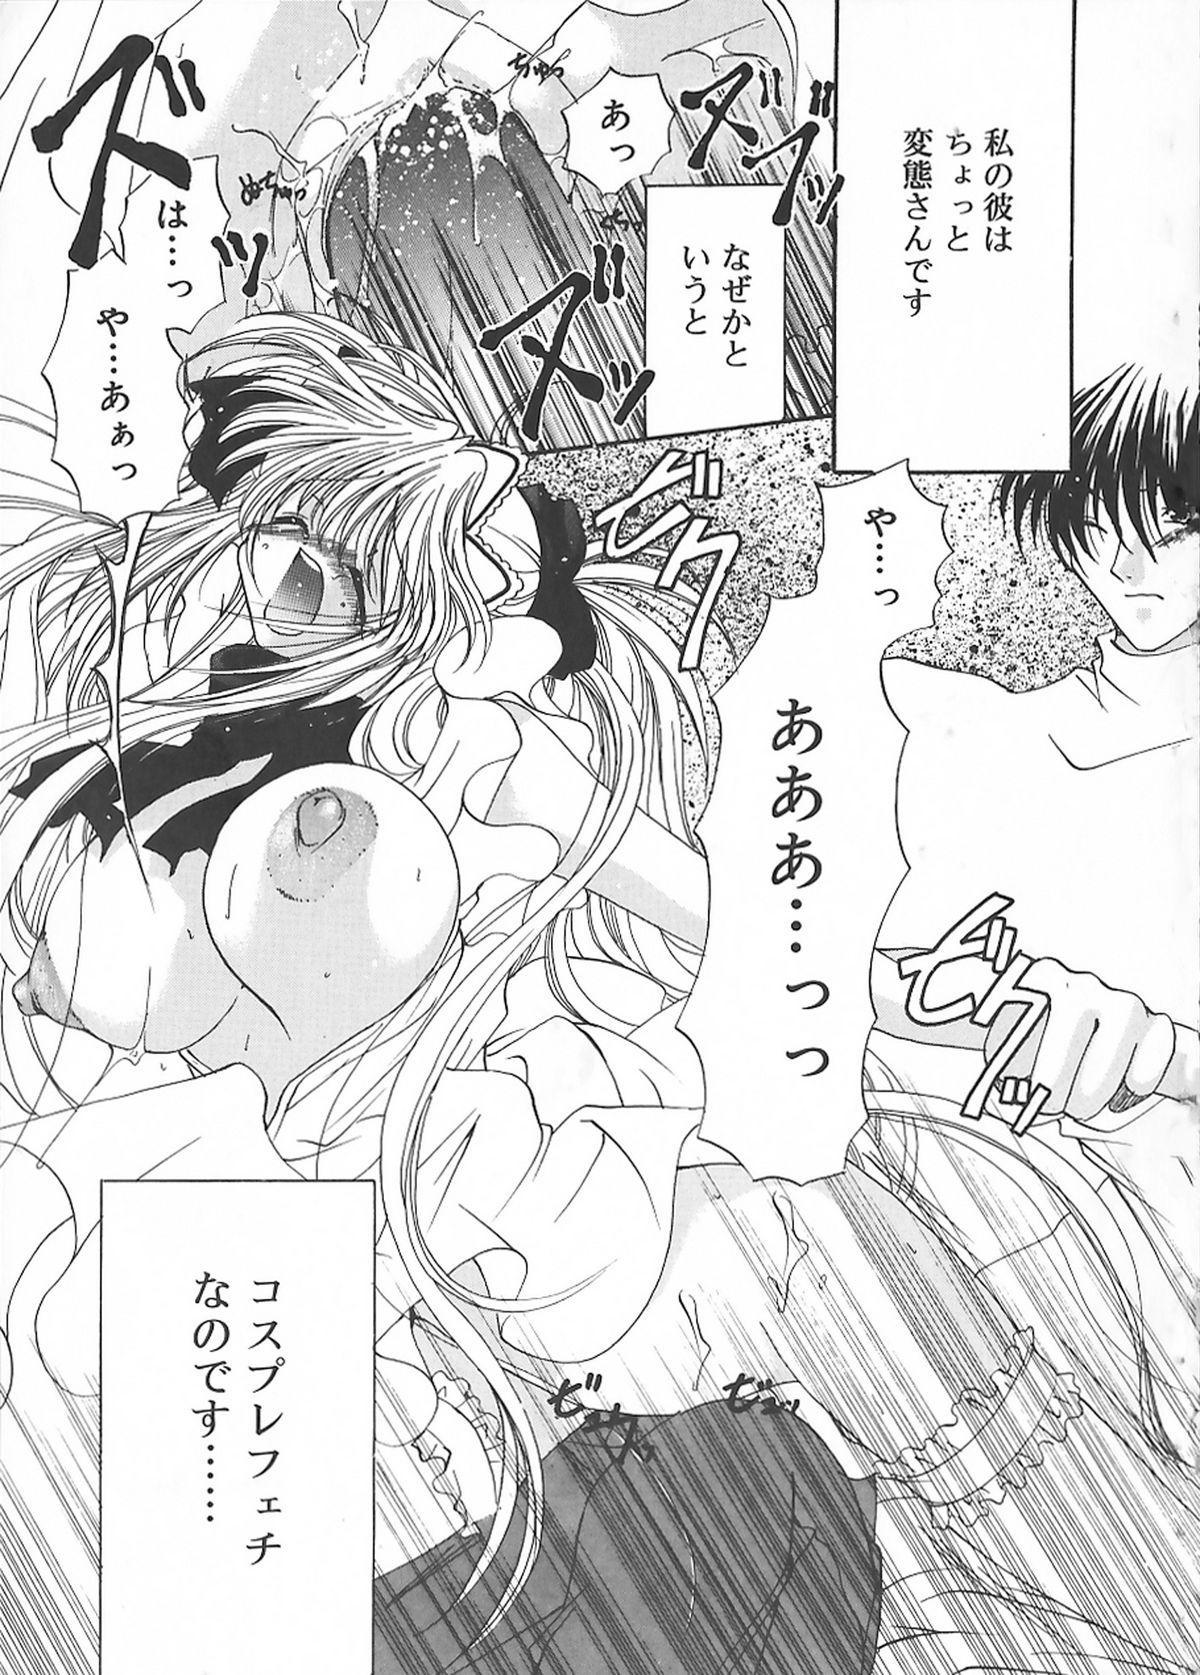 Cream Tengoku - Shinsouban 98